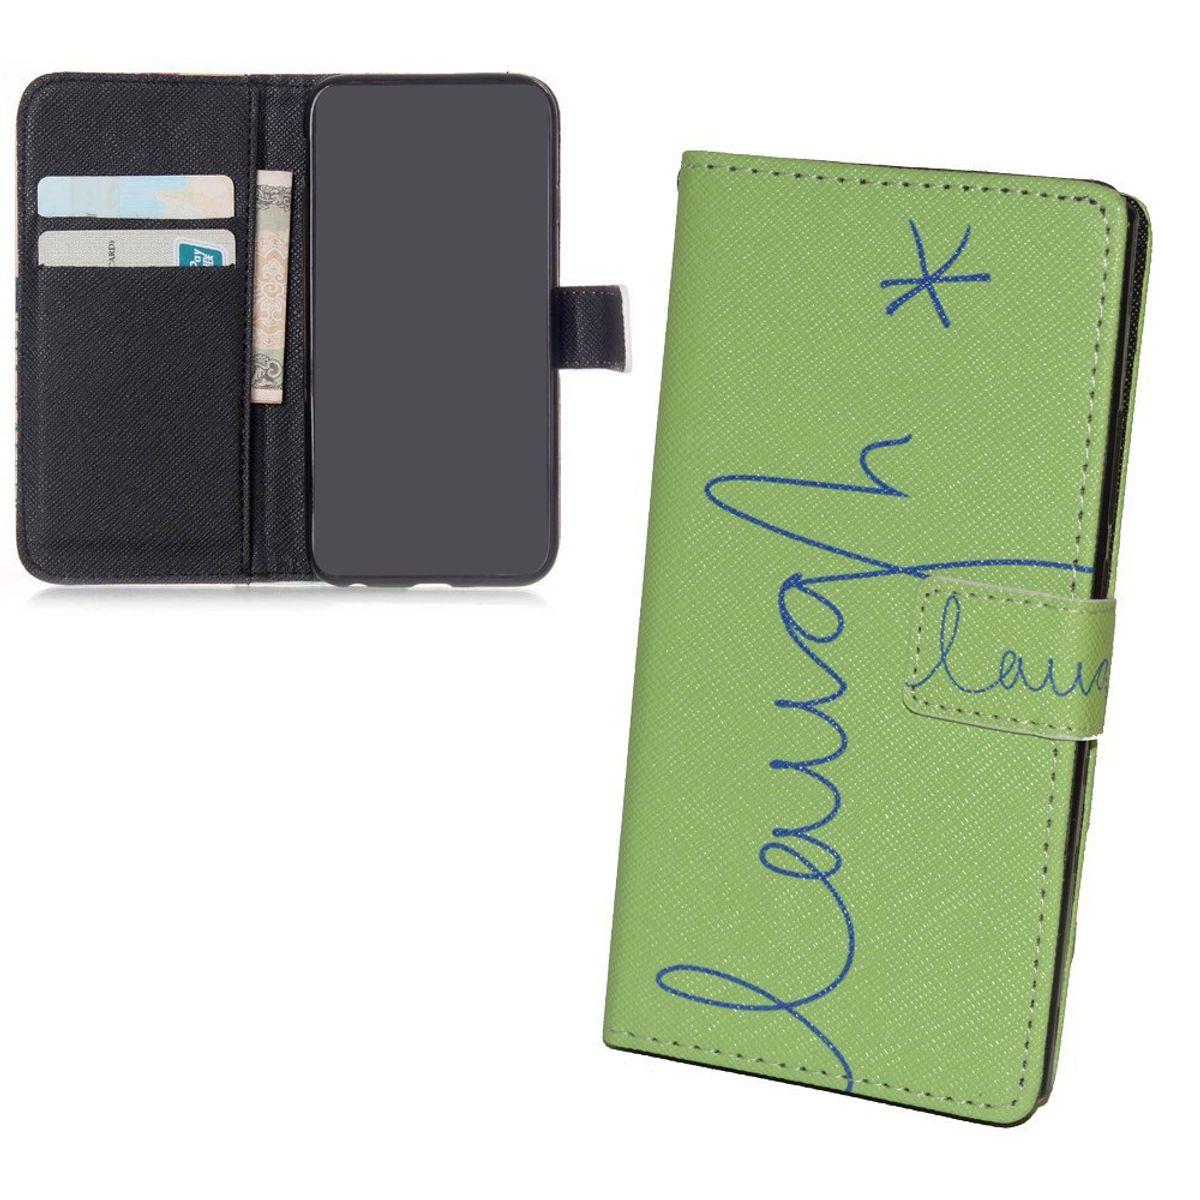 Handyhülle Tasche für Handy Samsung Galaxy S6  Schriftzug Lachen Grün